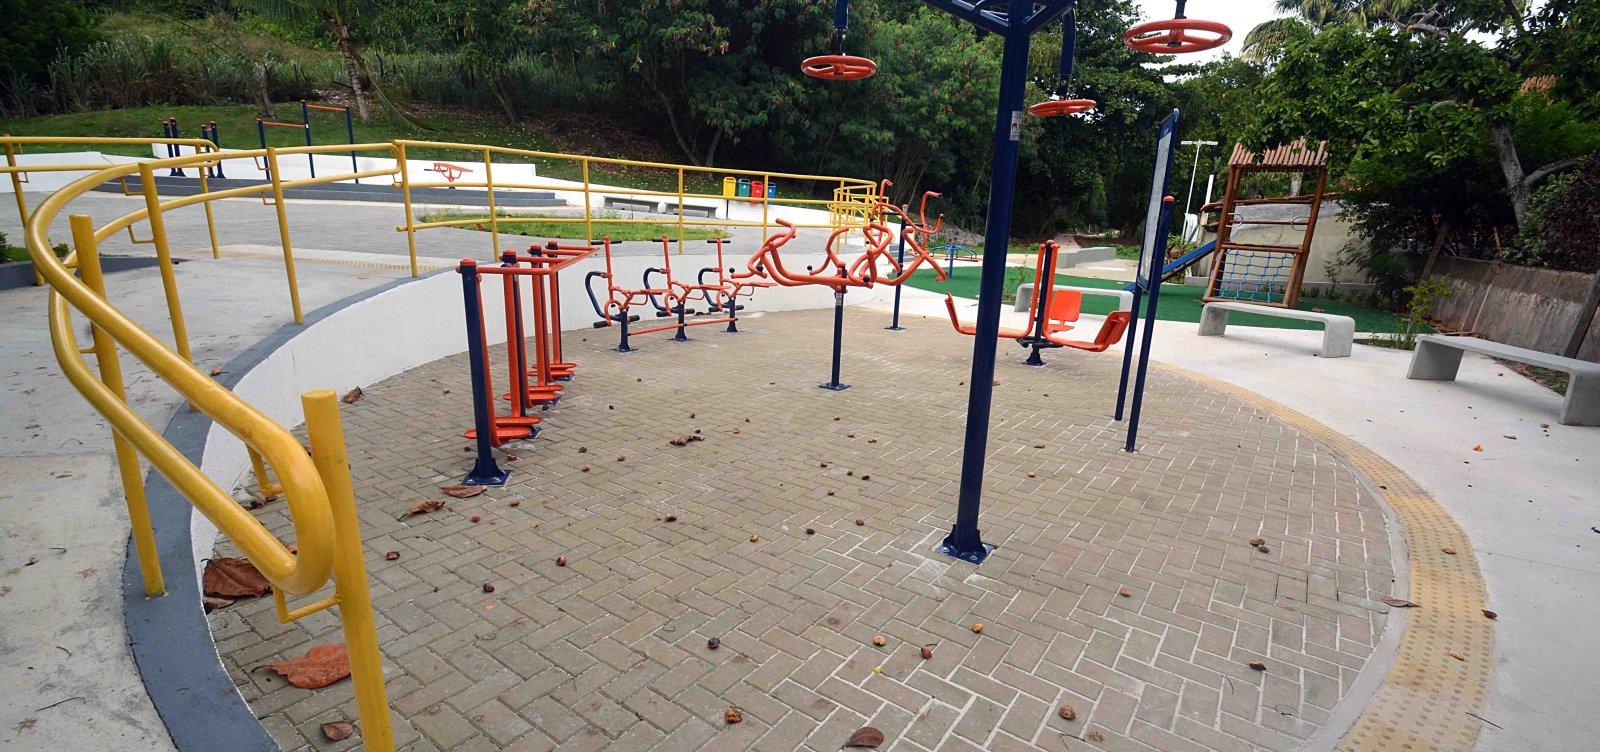 [Prefeitura deve entregar Parque Lagoa dos Pássaros no próximo mês]